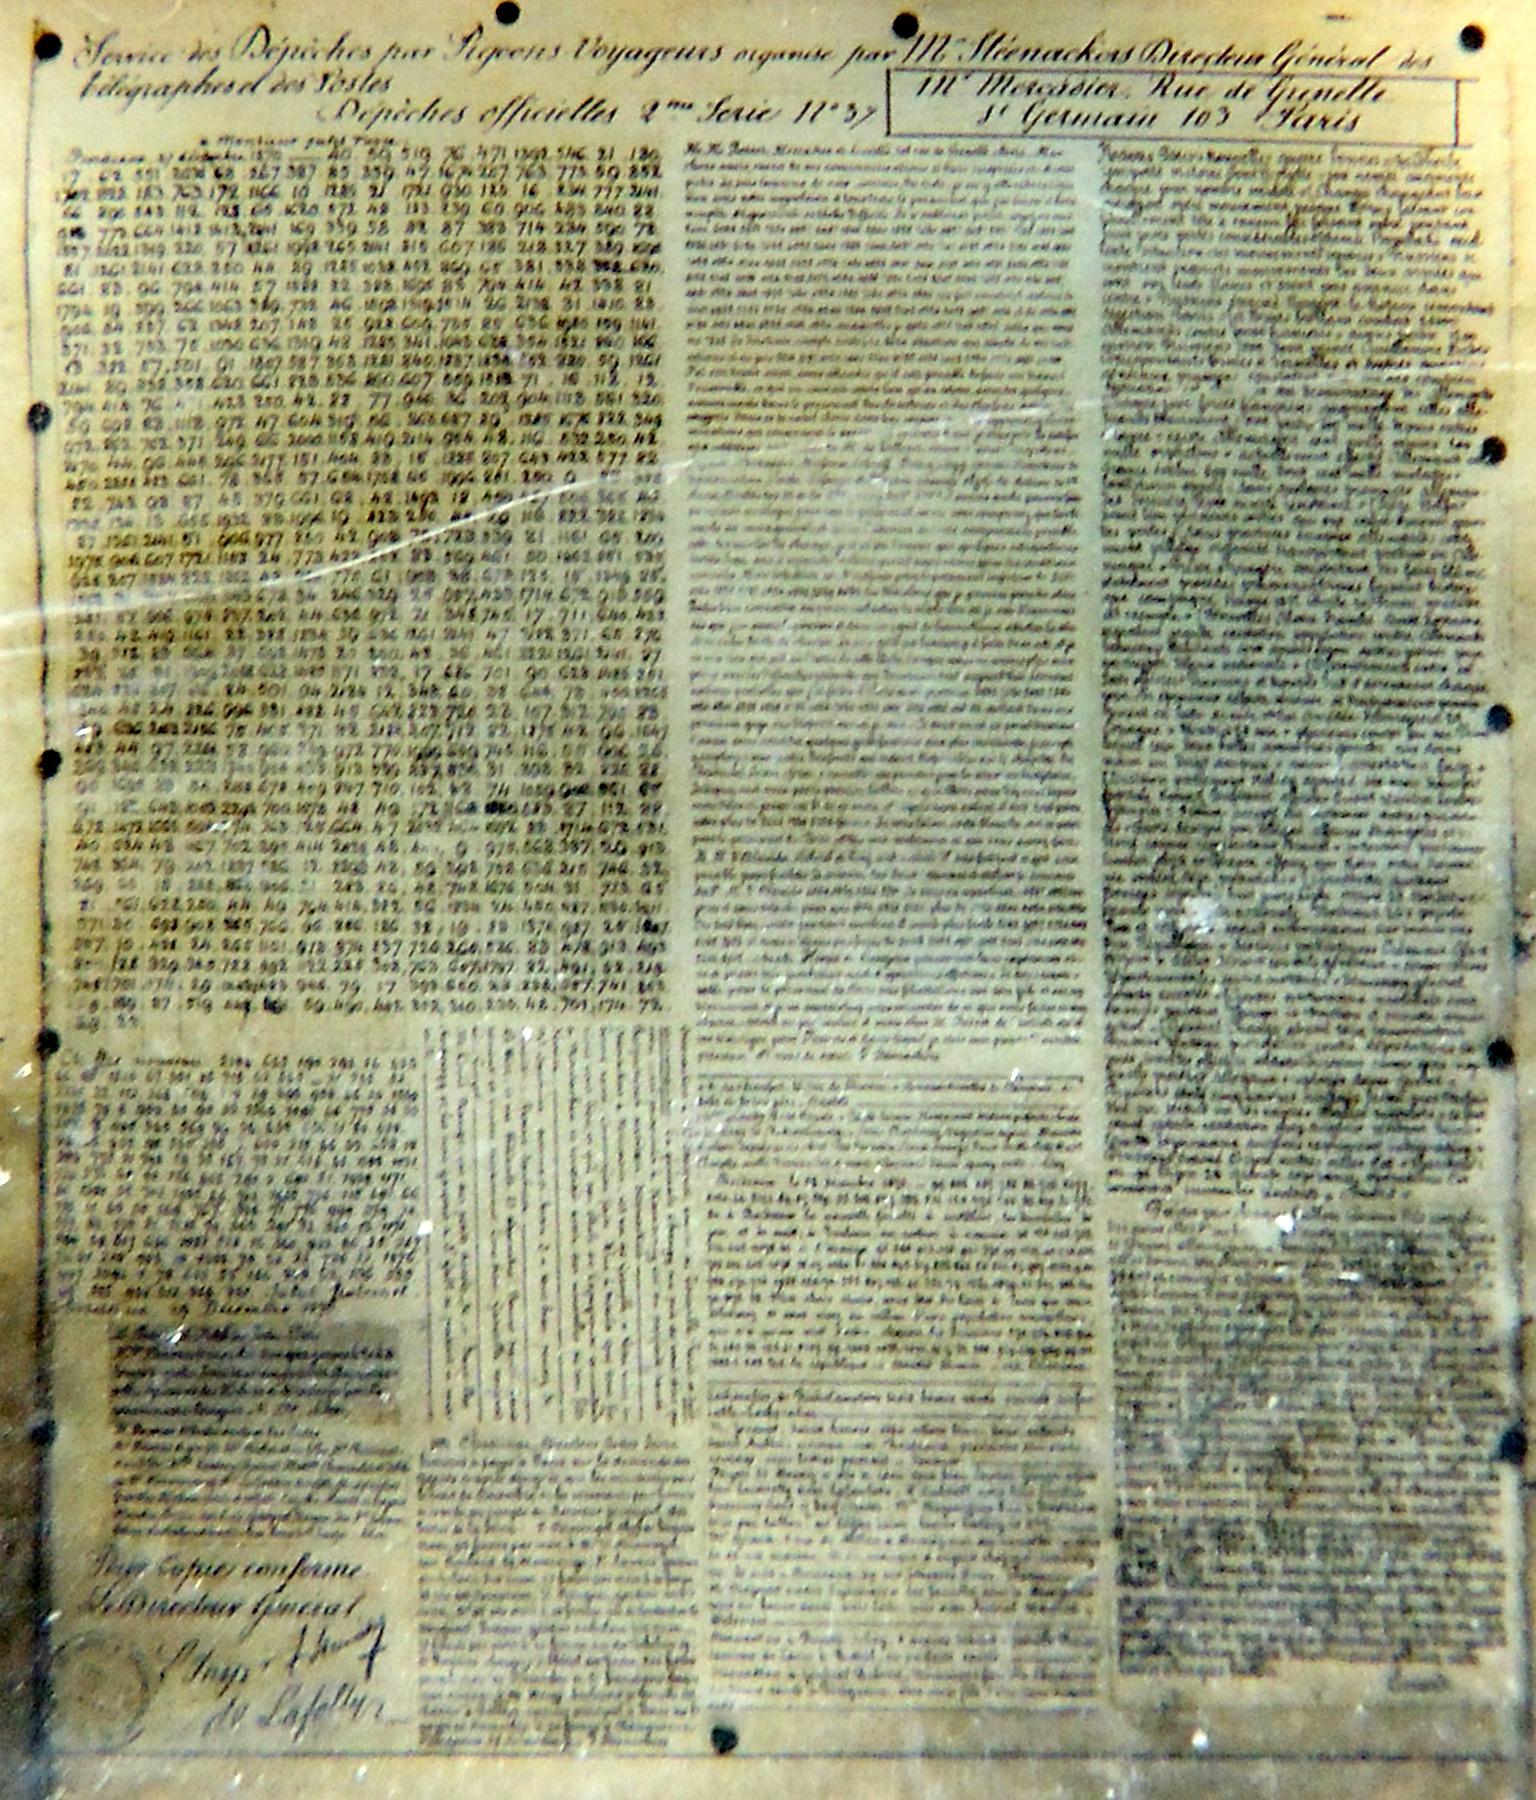 Pigeongramm aus dem Jahre 1871